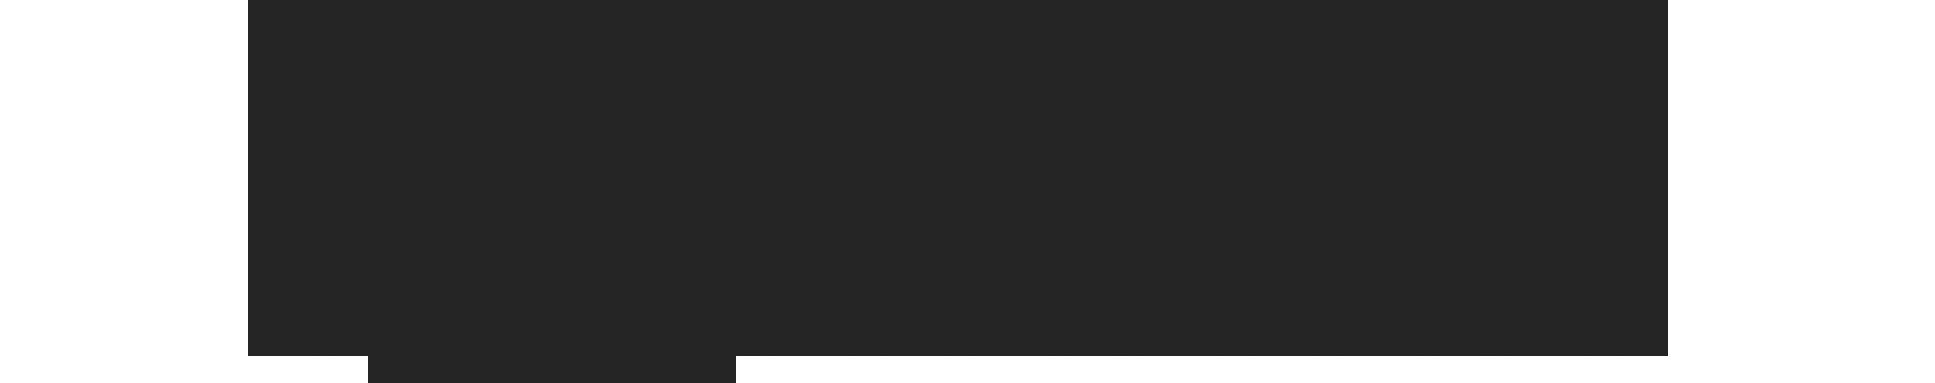 idc-grey2